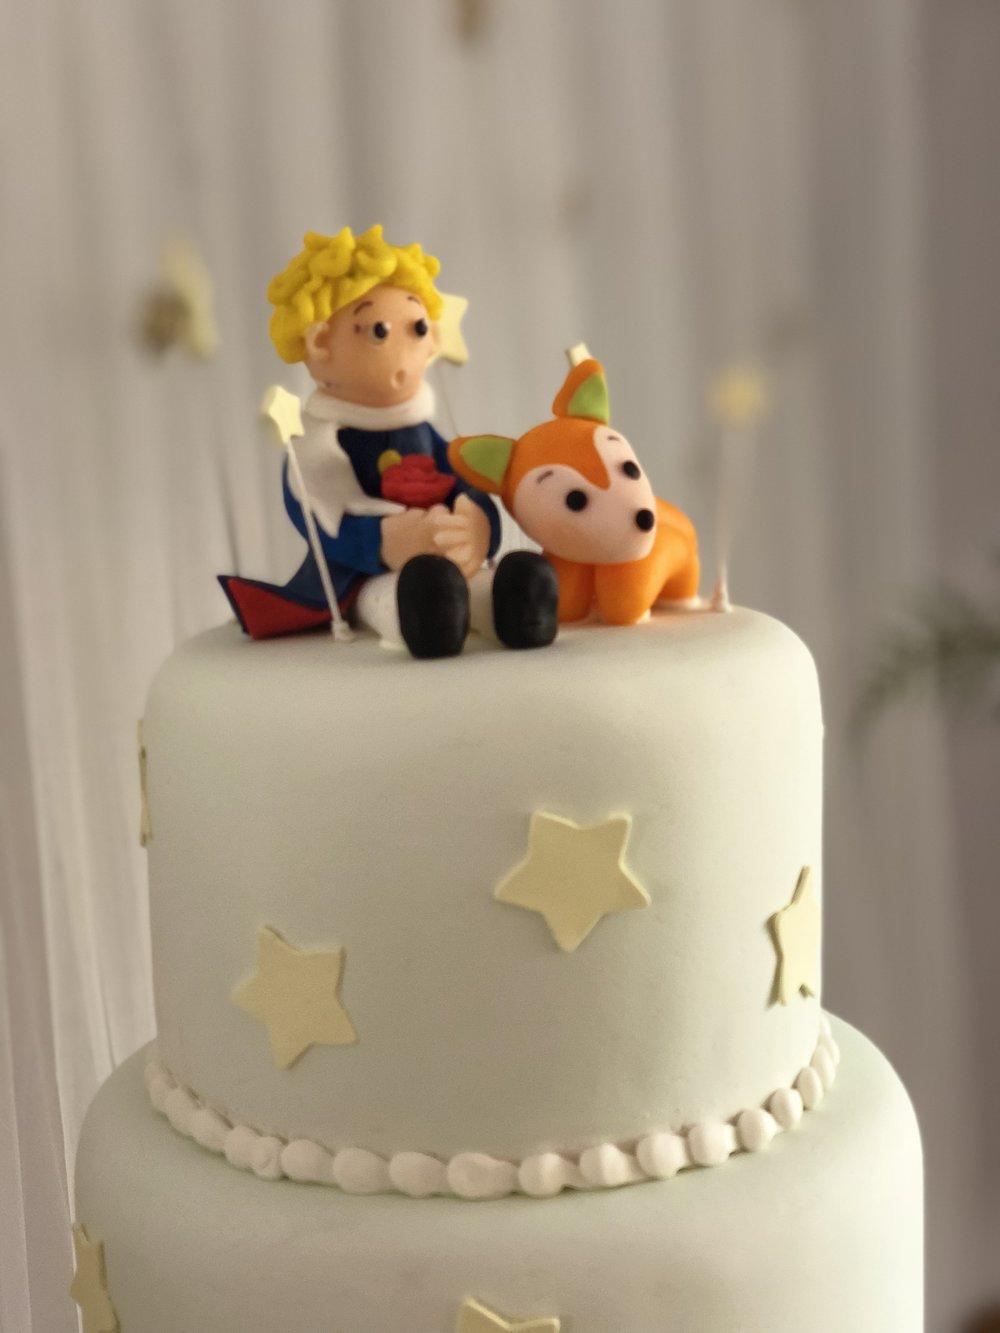 어린왕자 케익 3.JPEG